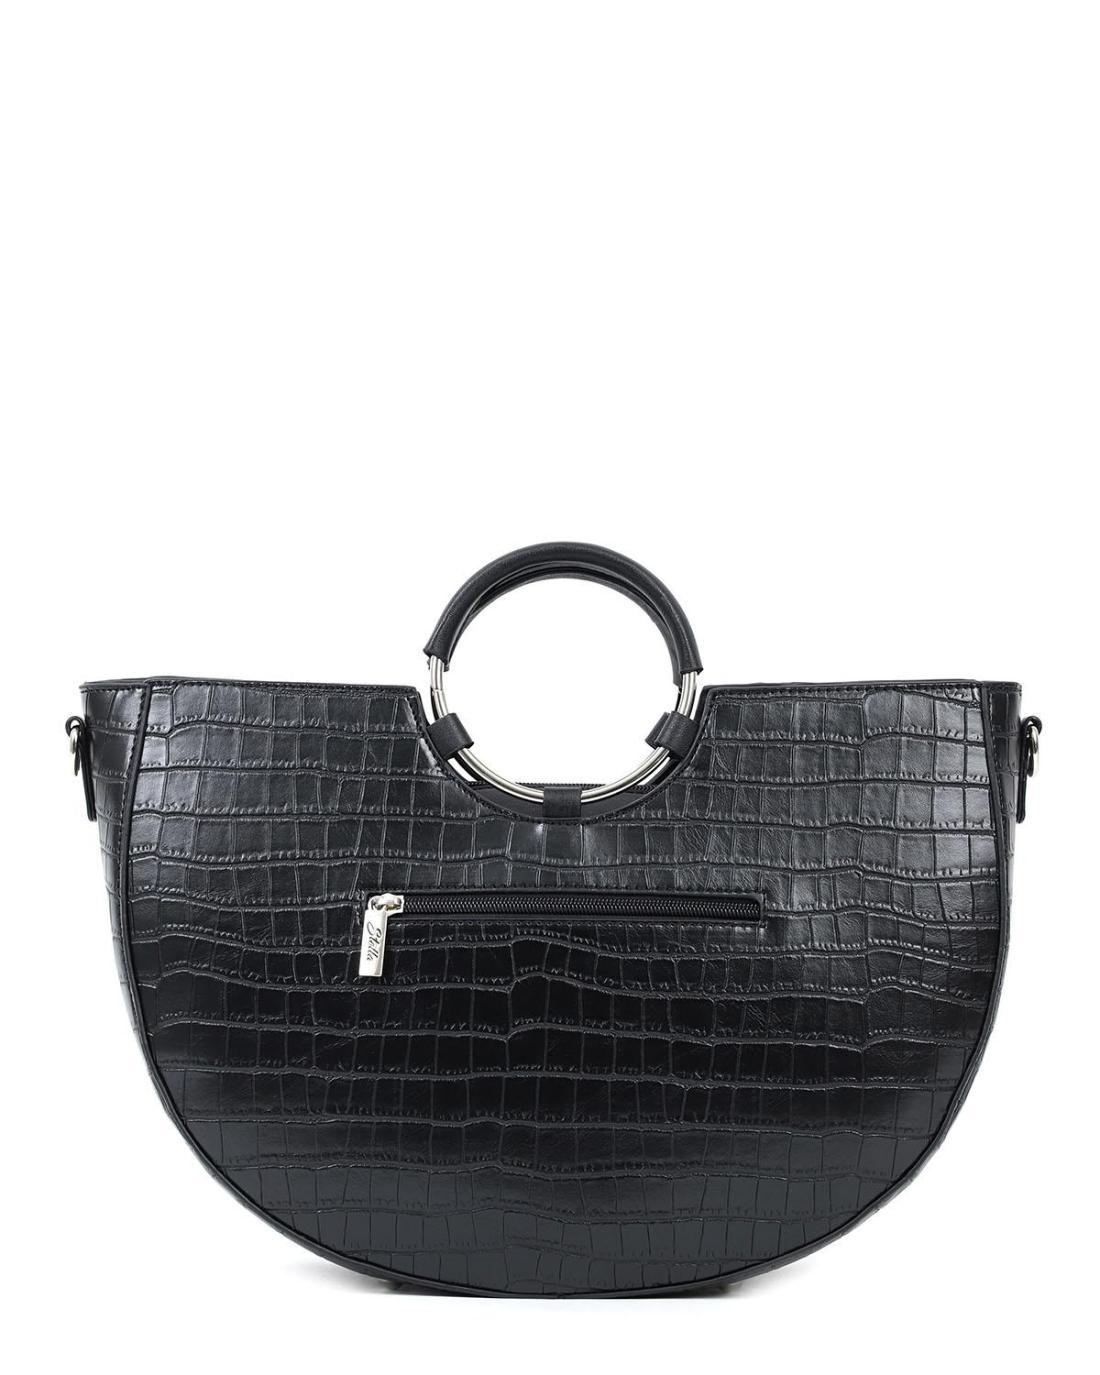 Καθημερινή τσάντα χειρός μαύρη